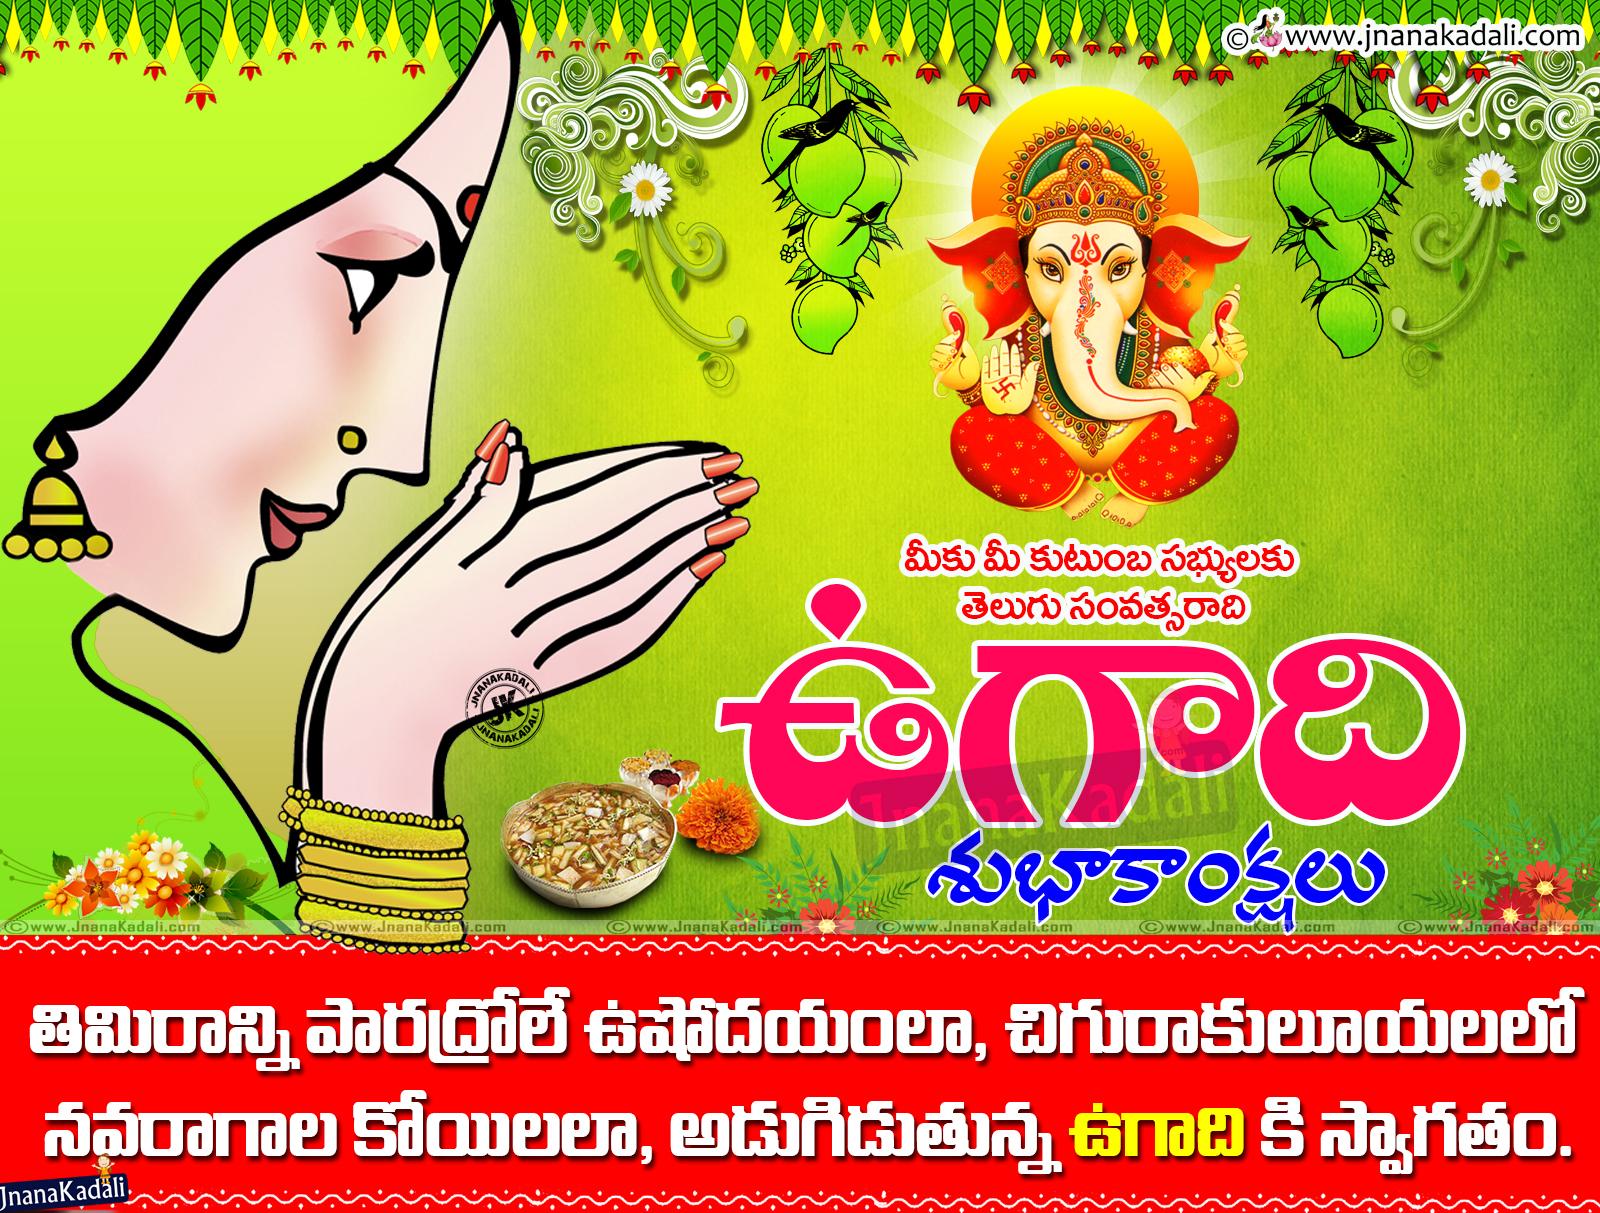 durmukhi nama samvatsara telugu ugadi 2016 quotations greetings wishes telugu new year ugadi quotes and